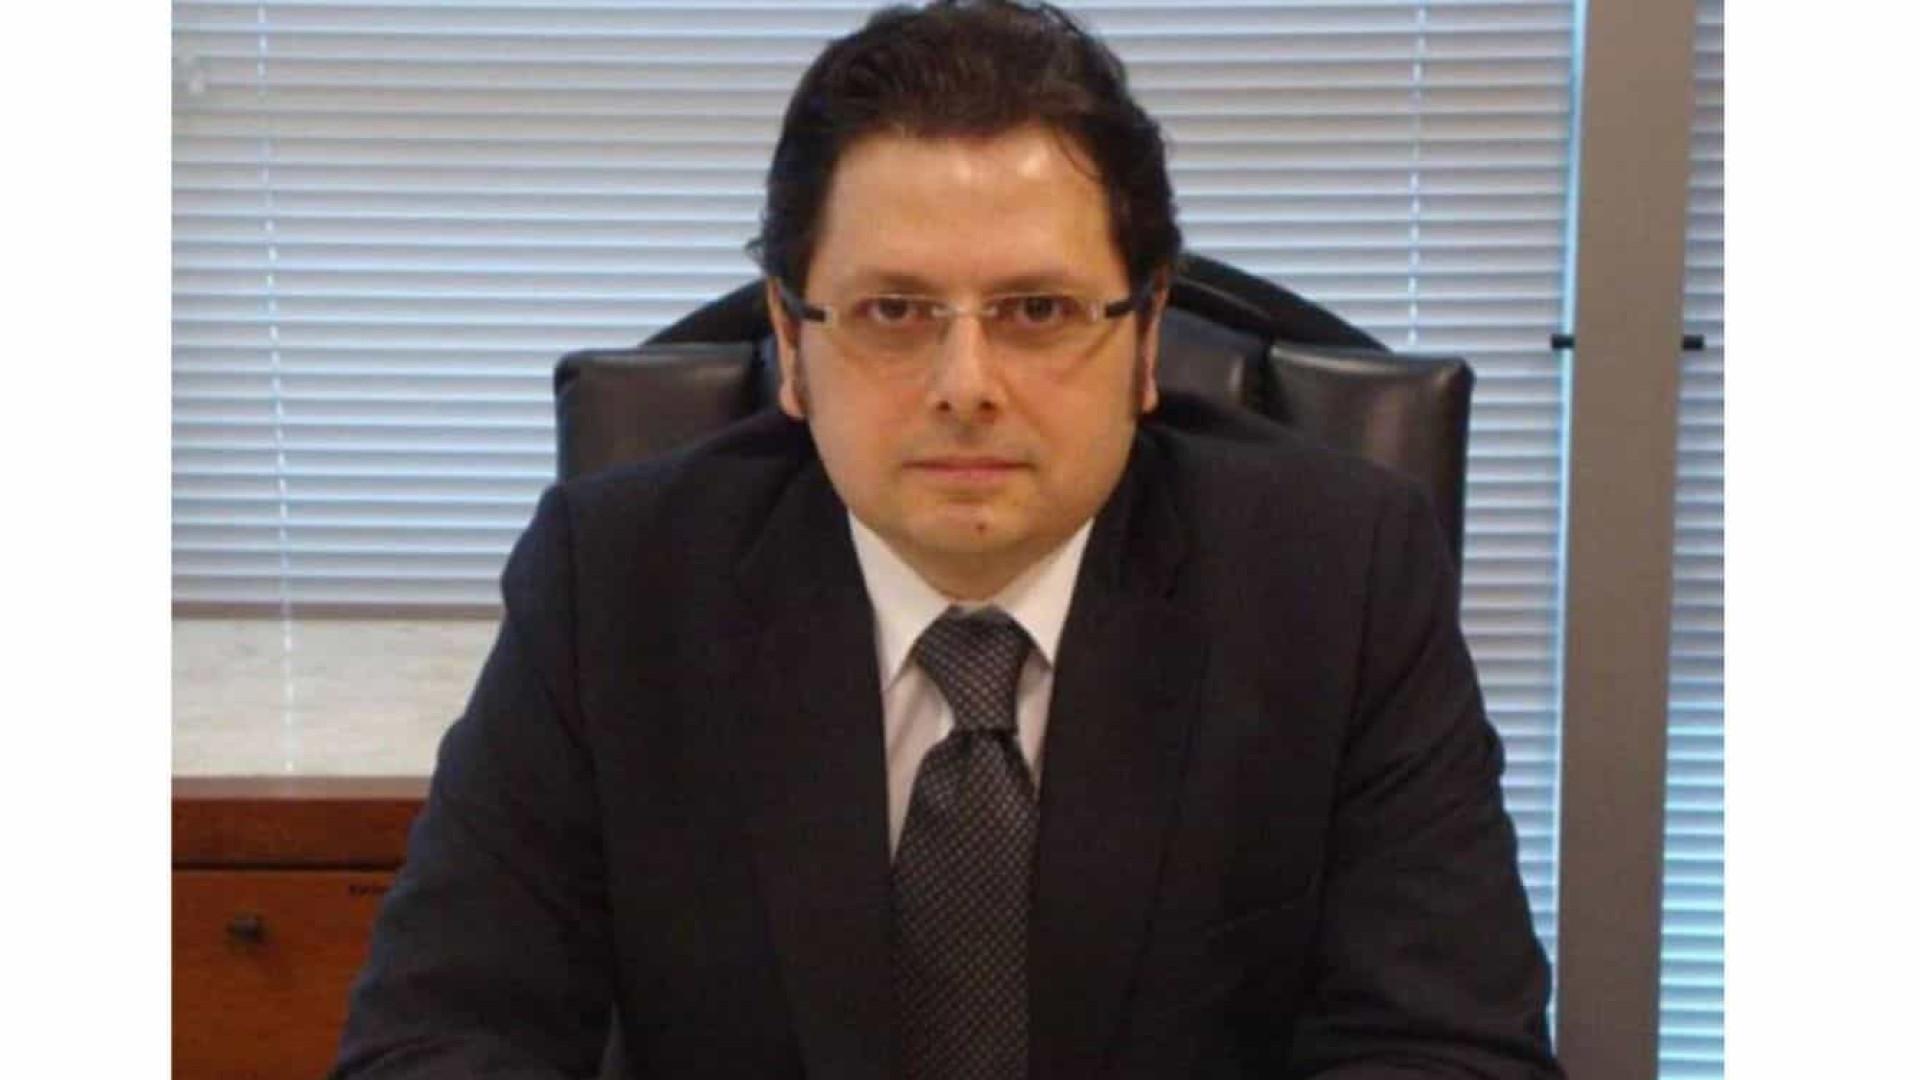 STJ coloca juiz em prisão domiciliar e impõe tornozeleira